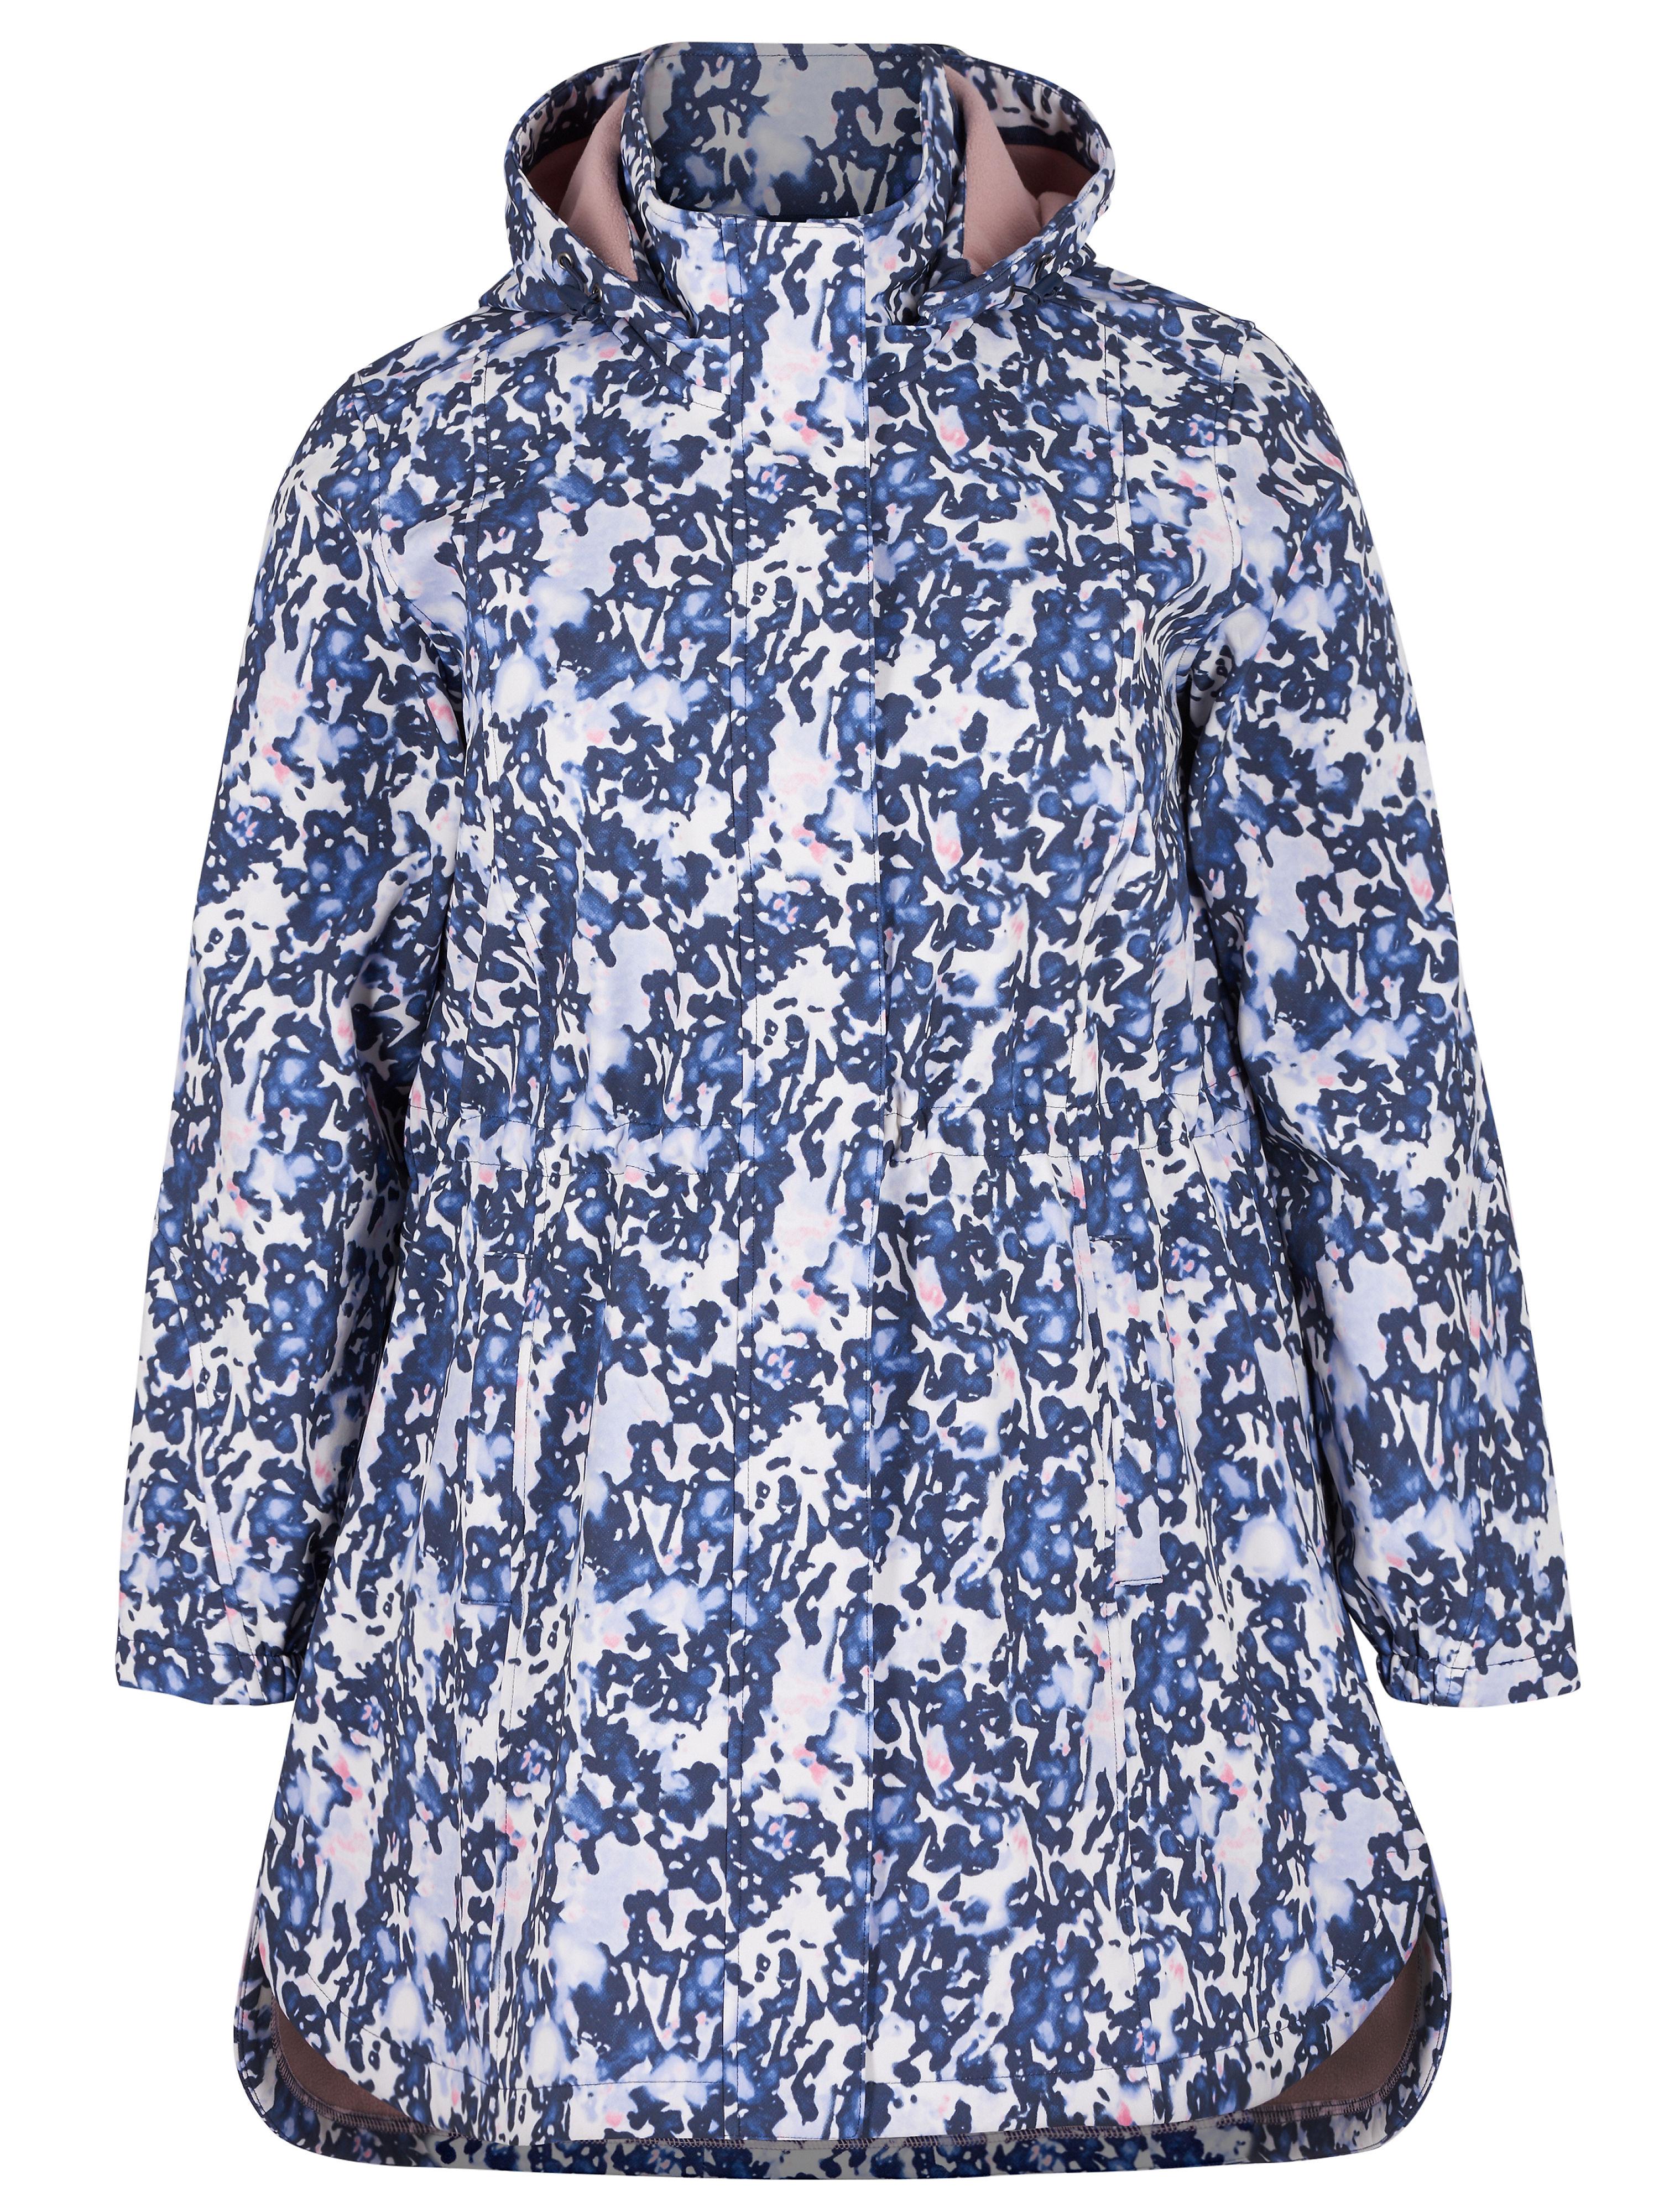 Softshell Jacket Van zizzi blauw